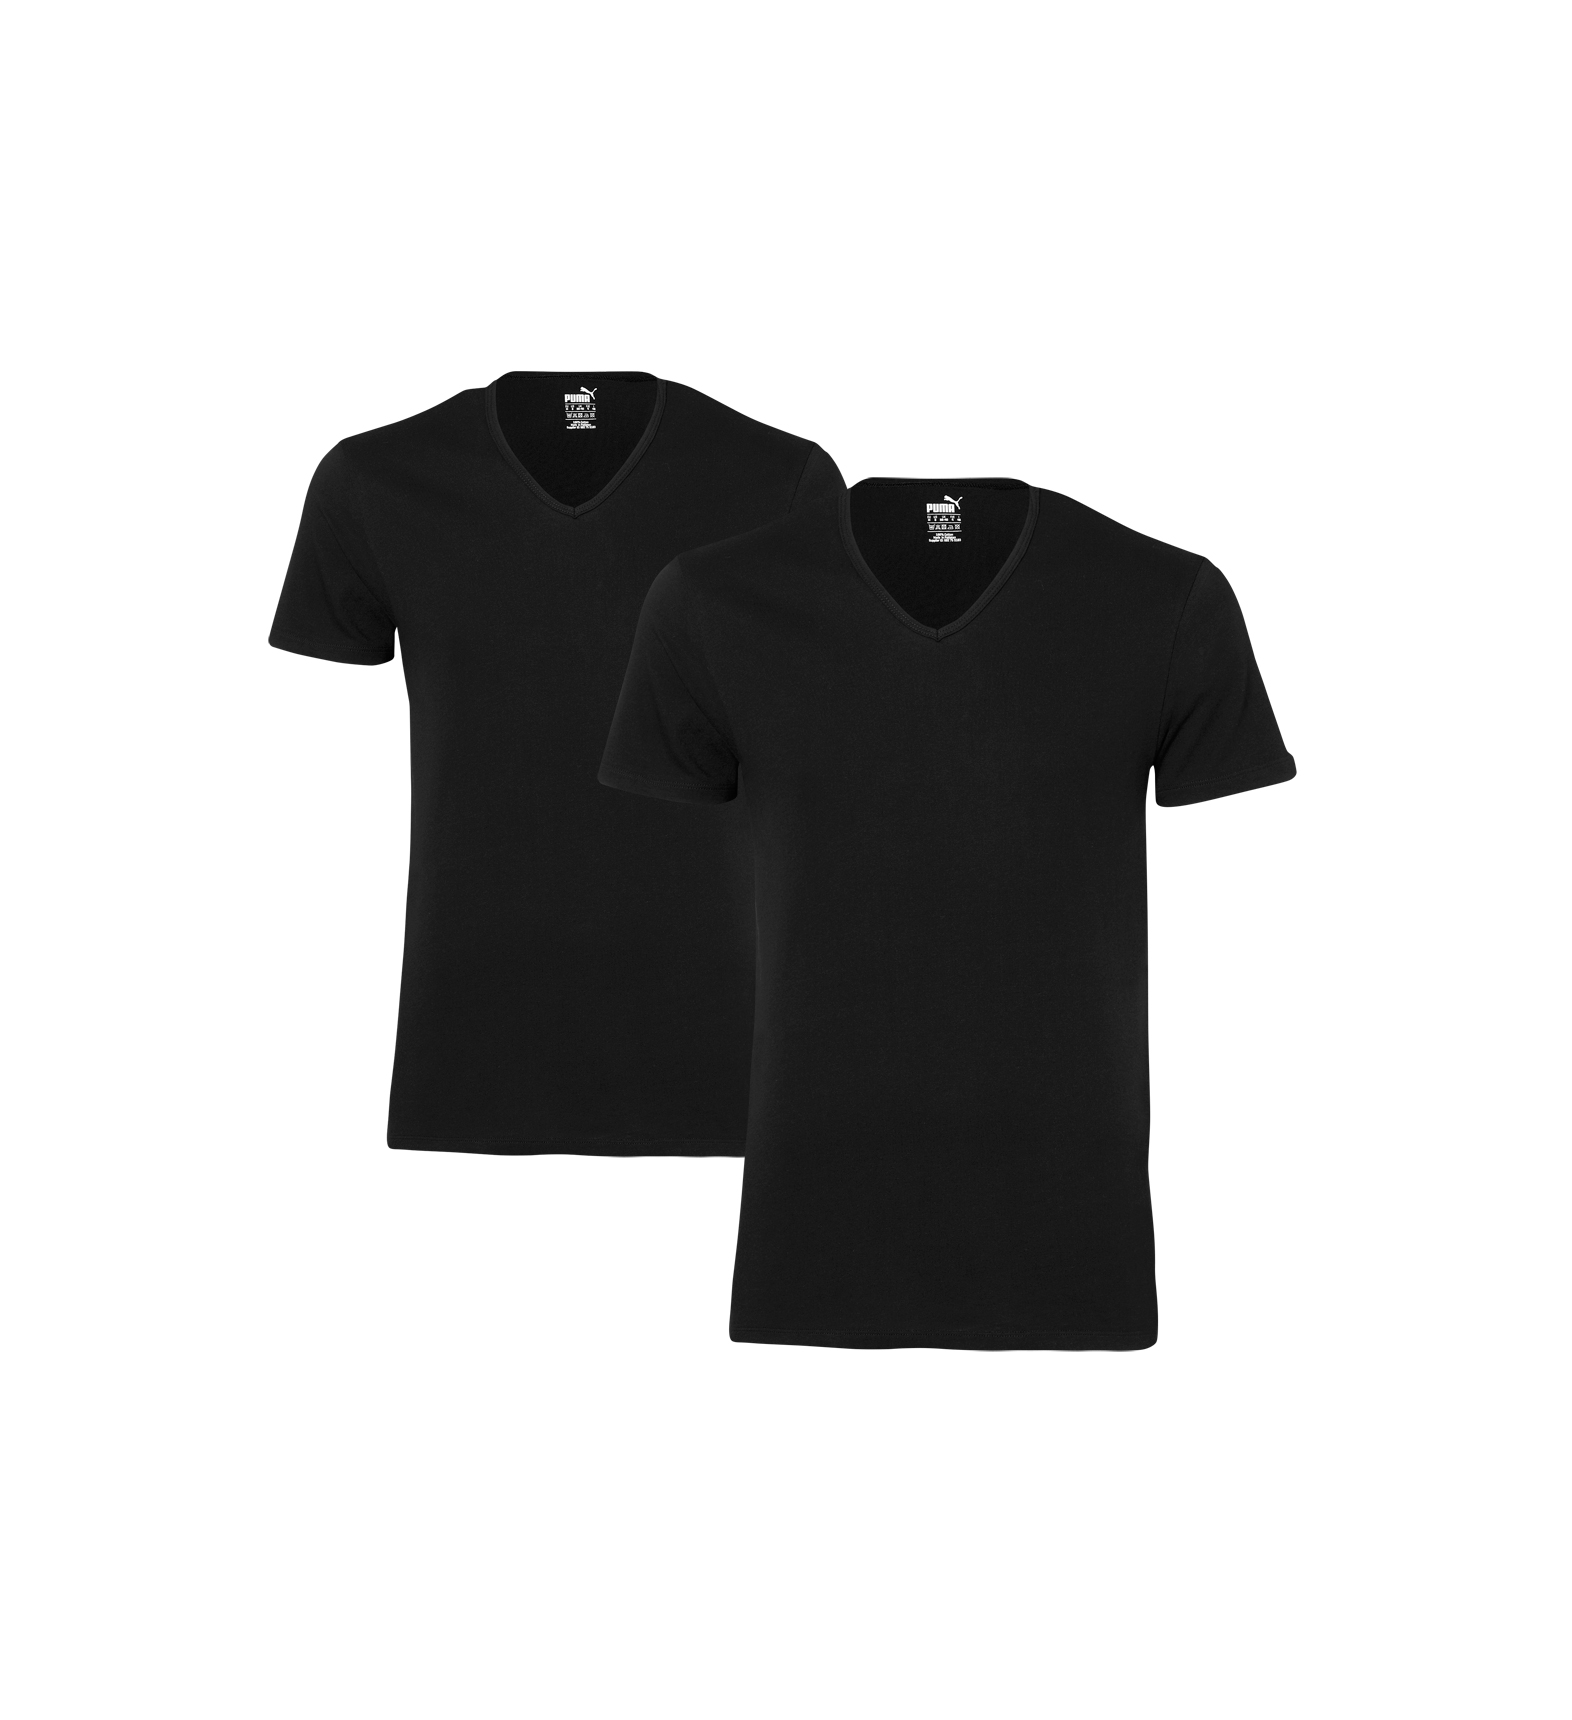 PUMA-2er-Pack-Round-Neck-Rundhals-V-Neck-T-Shirts-S-M-L-XL